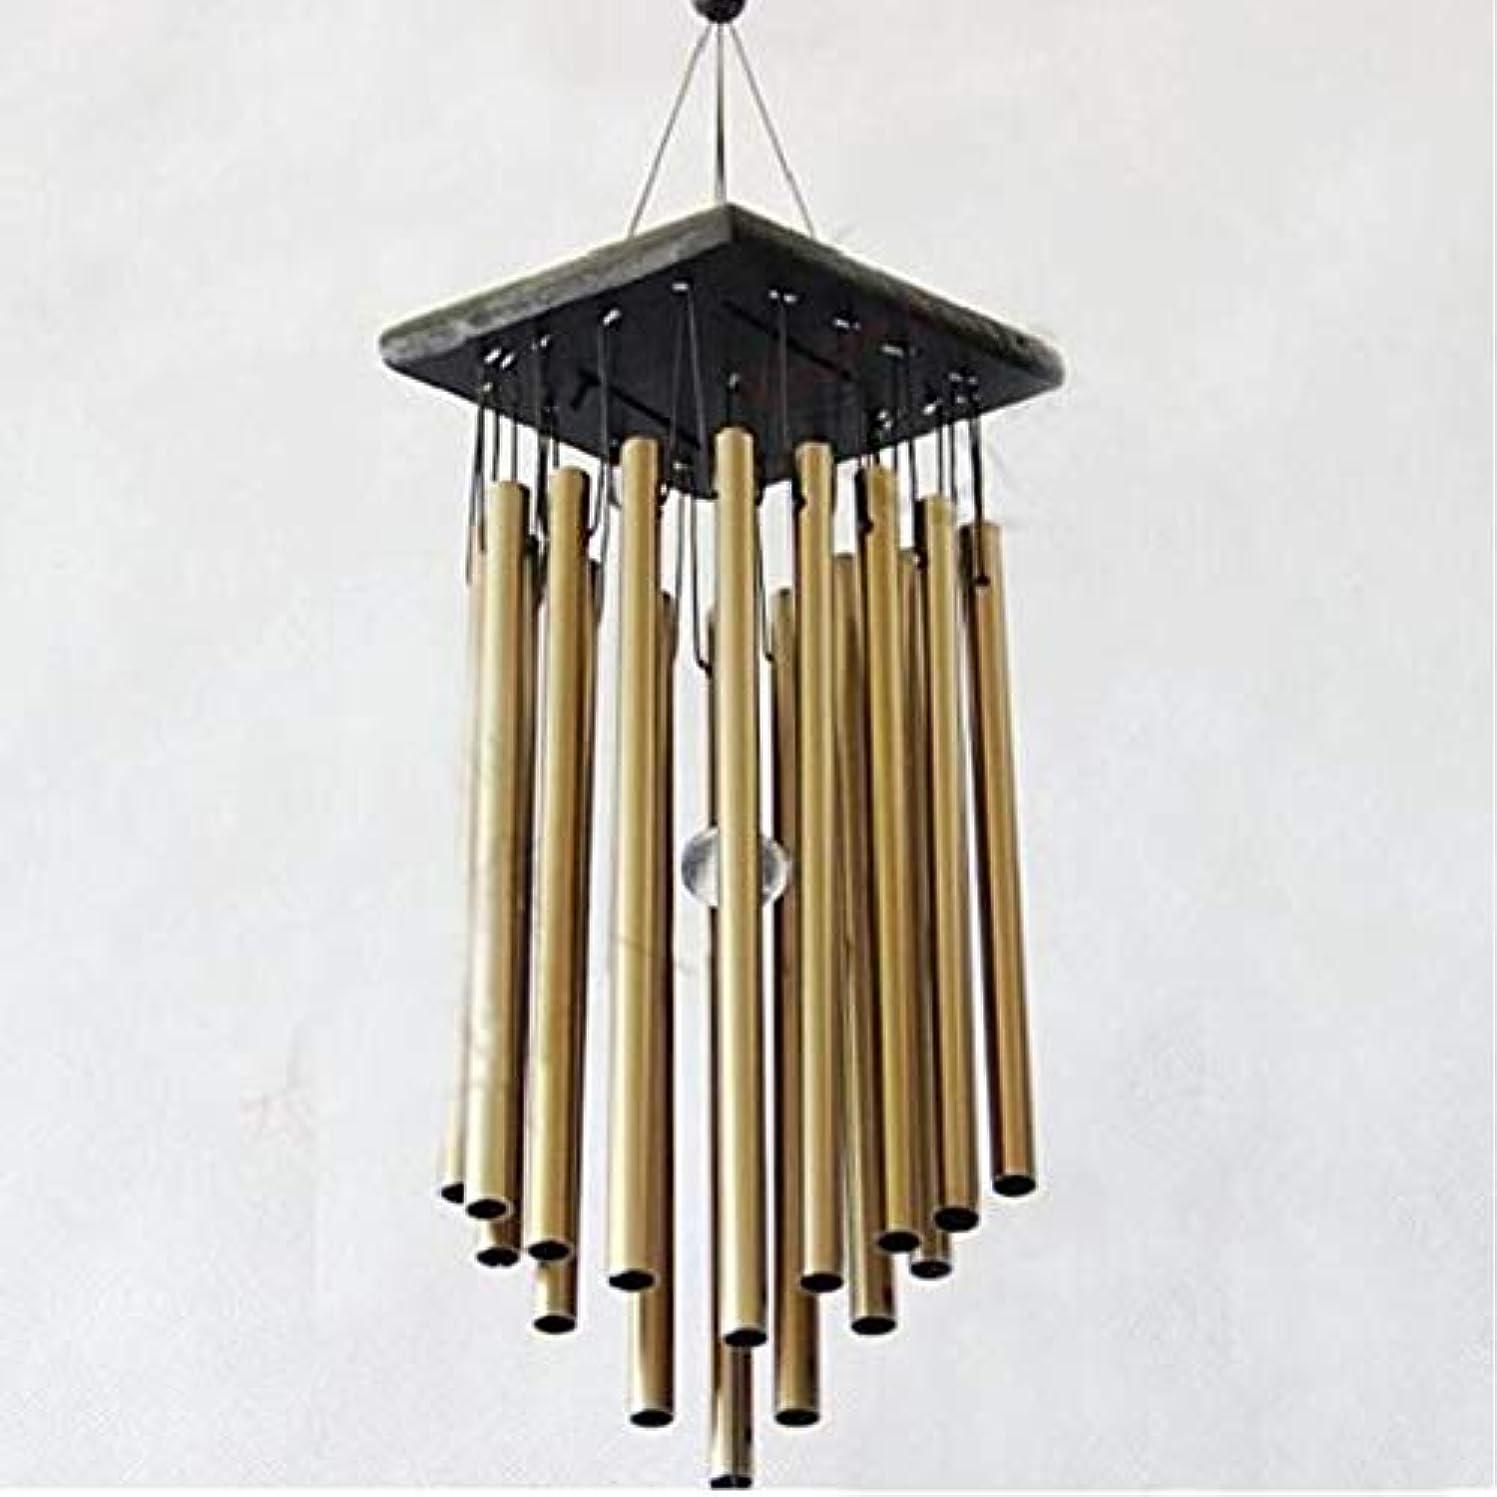 真似るなめらか補うYougou01 風チャイム、メタル風チャイム16本のチューブ、イエロー、65CMについて全身をハンギング 、創造的な装飾